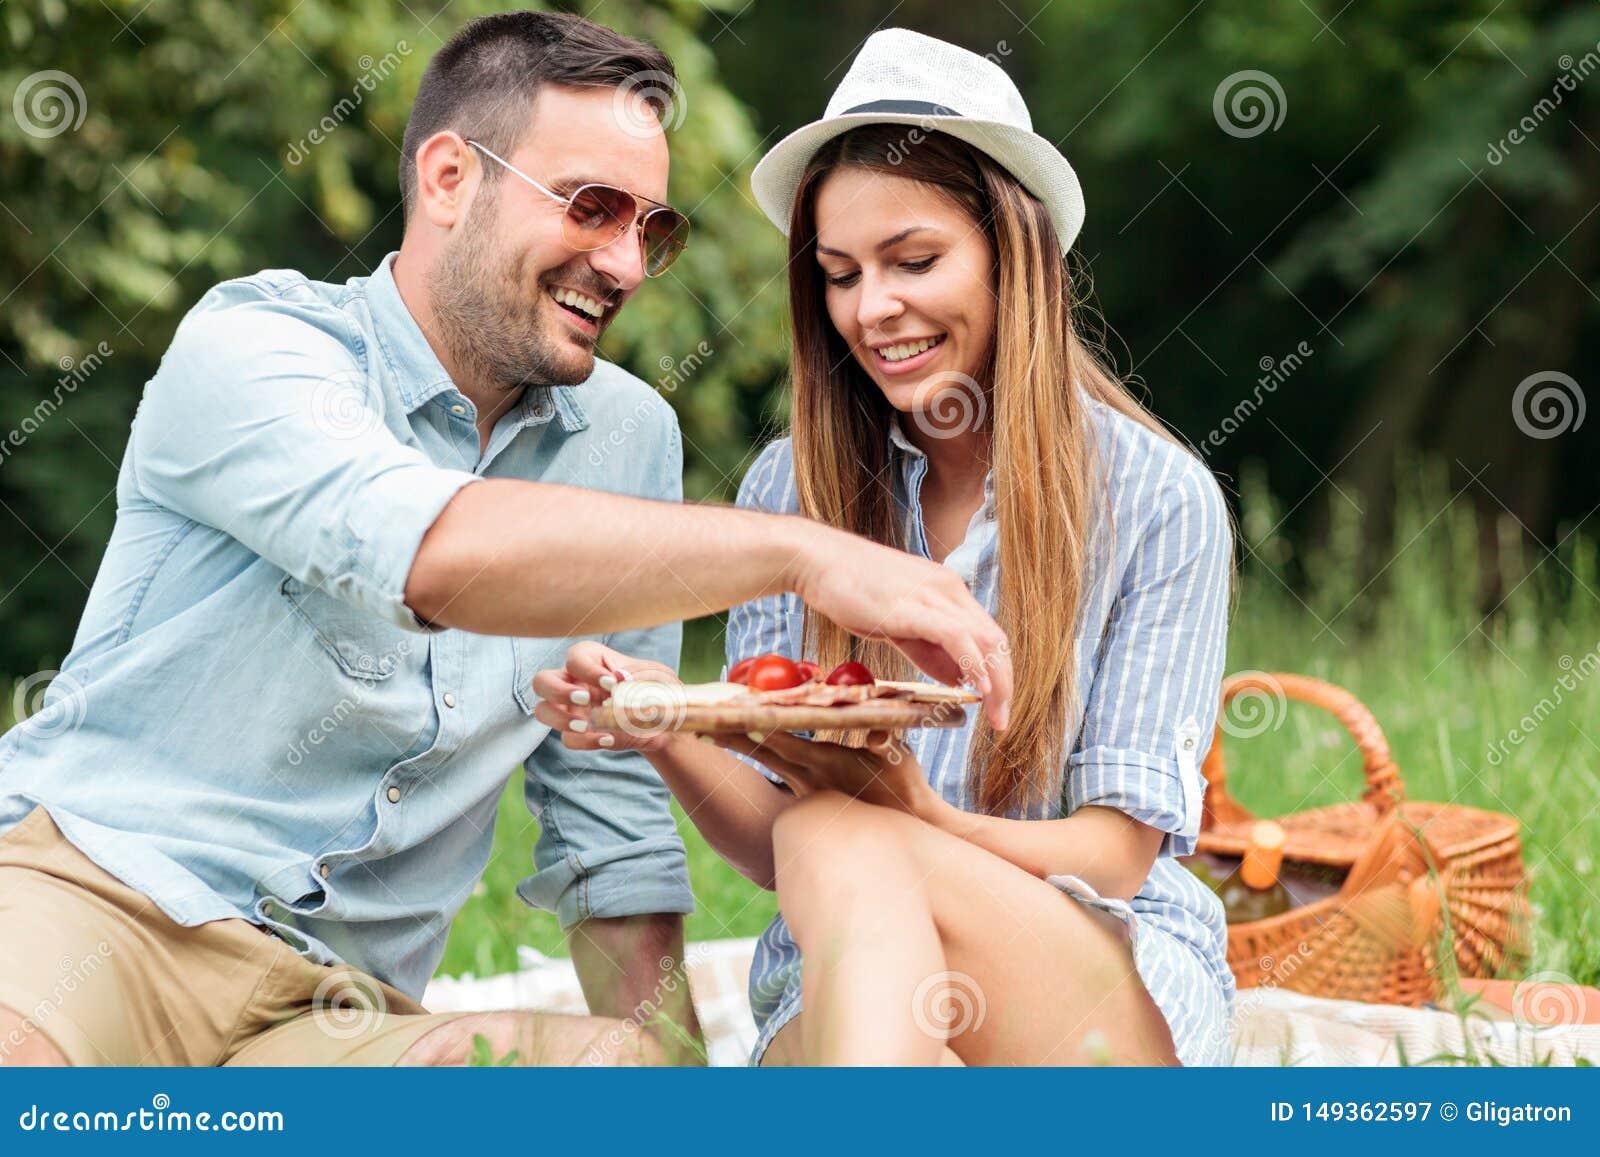 Giovani coppie felici sorridenti che godono del loro tempo in un parco, avendo un picnic romantico casuale